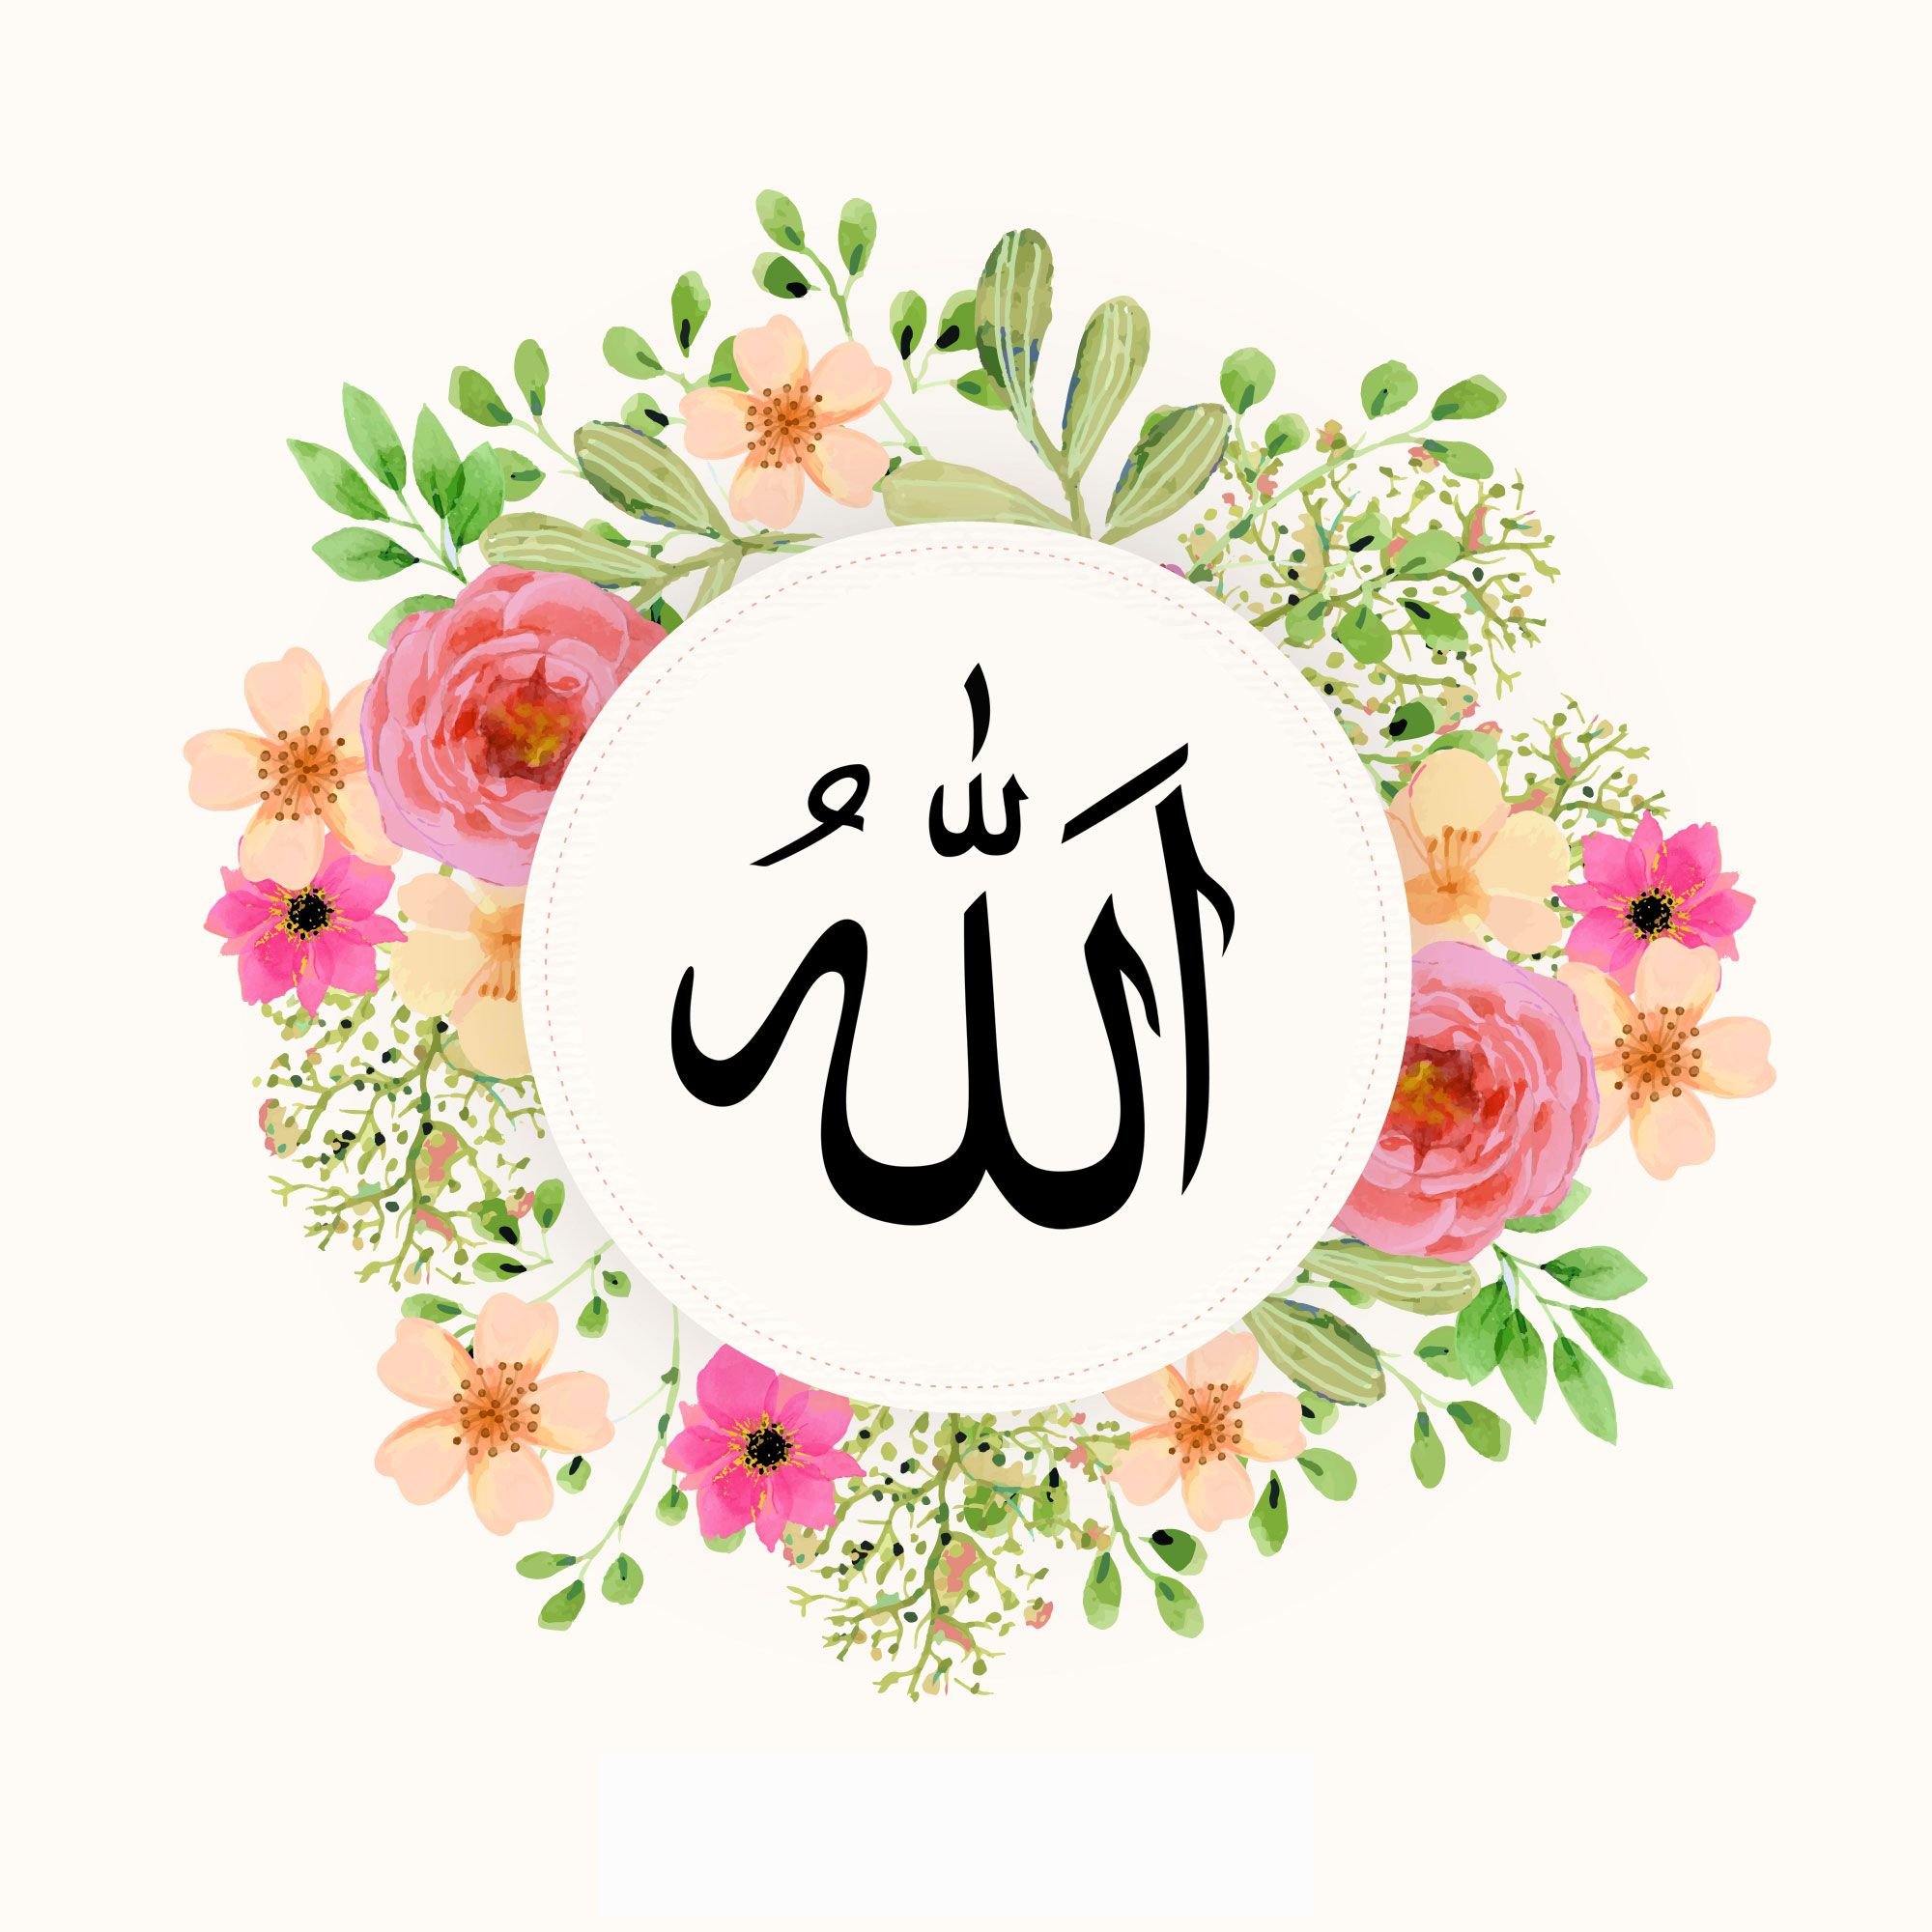 Wa 081 946 542 871 Tulisan Allah Berbentuk Tulisan Allah Cantik Seni Kaligrafi Gambar Hiasan Seni Islamis